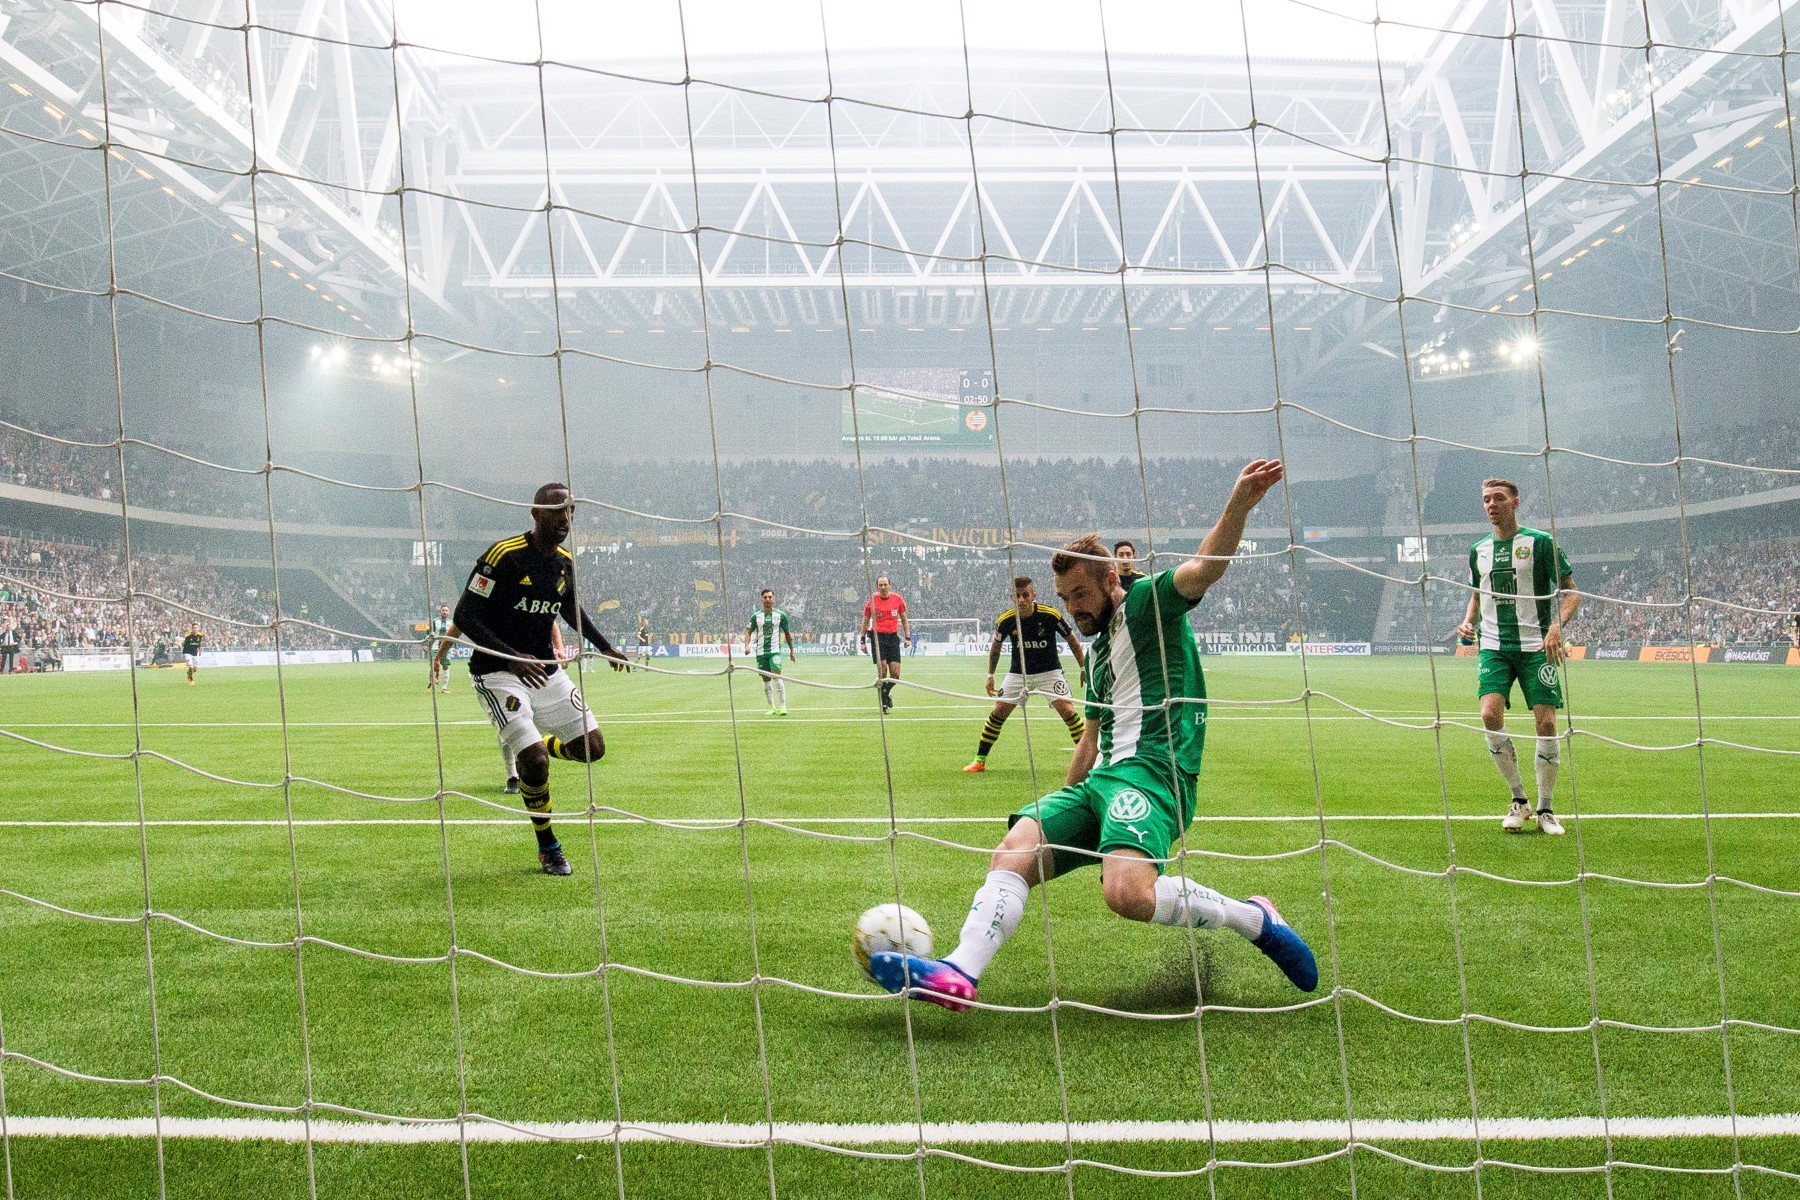 Fotboll, Allsvenskan, Hammarby - AIK